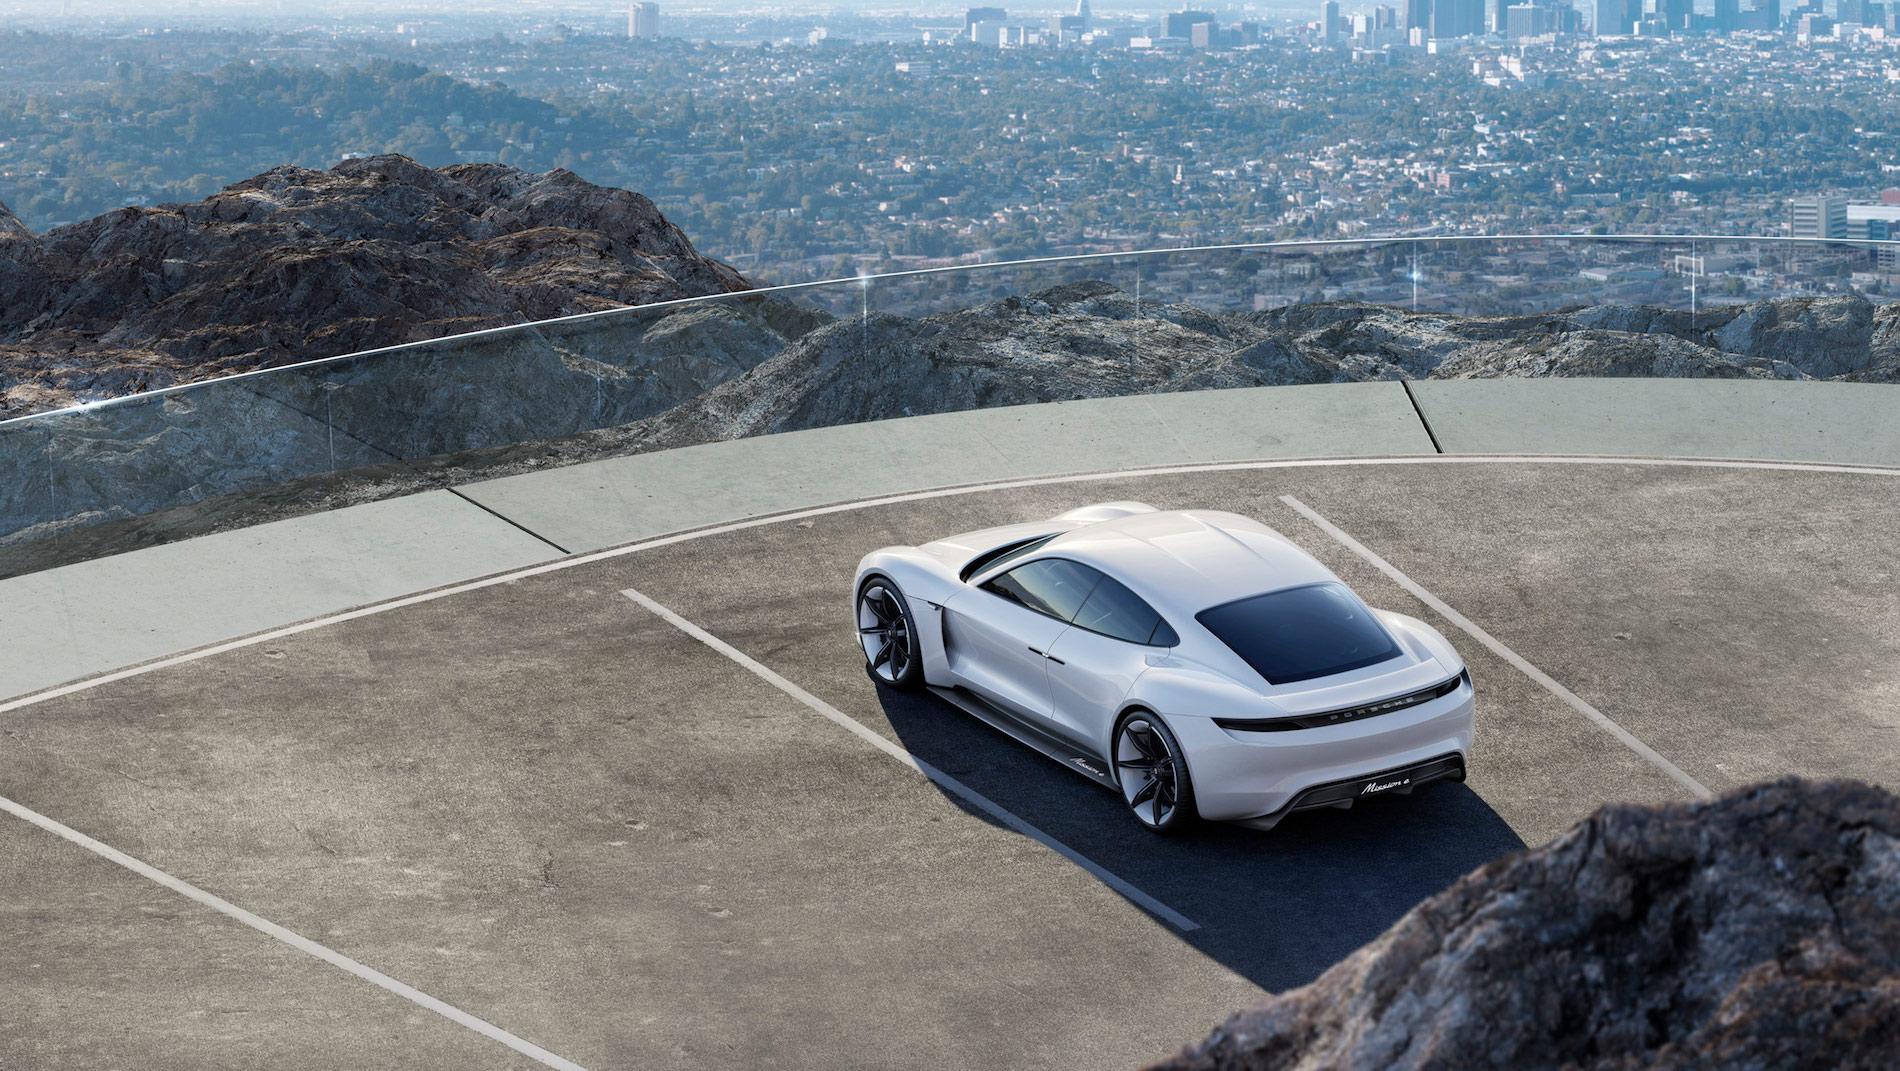 Porsche Taycan: Mehr als 20.000 Kaufinteressenten für den Elektro-Sportler von Porsche 2